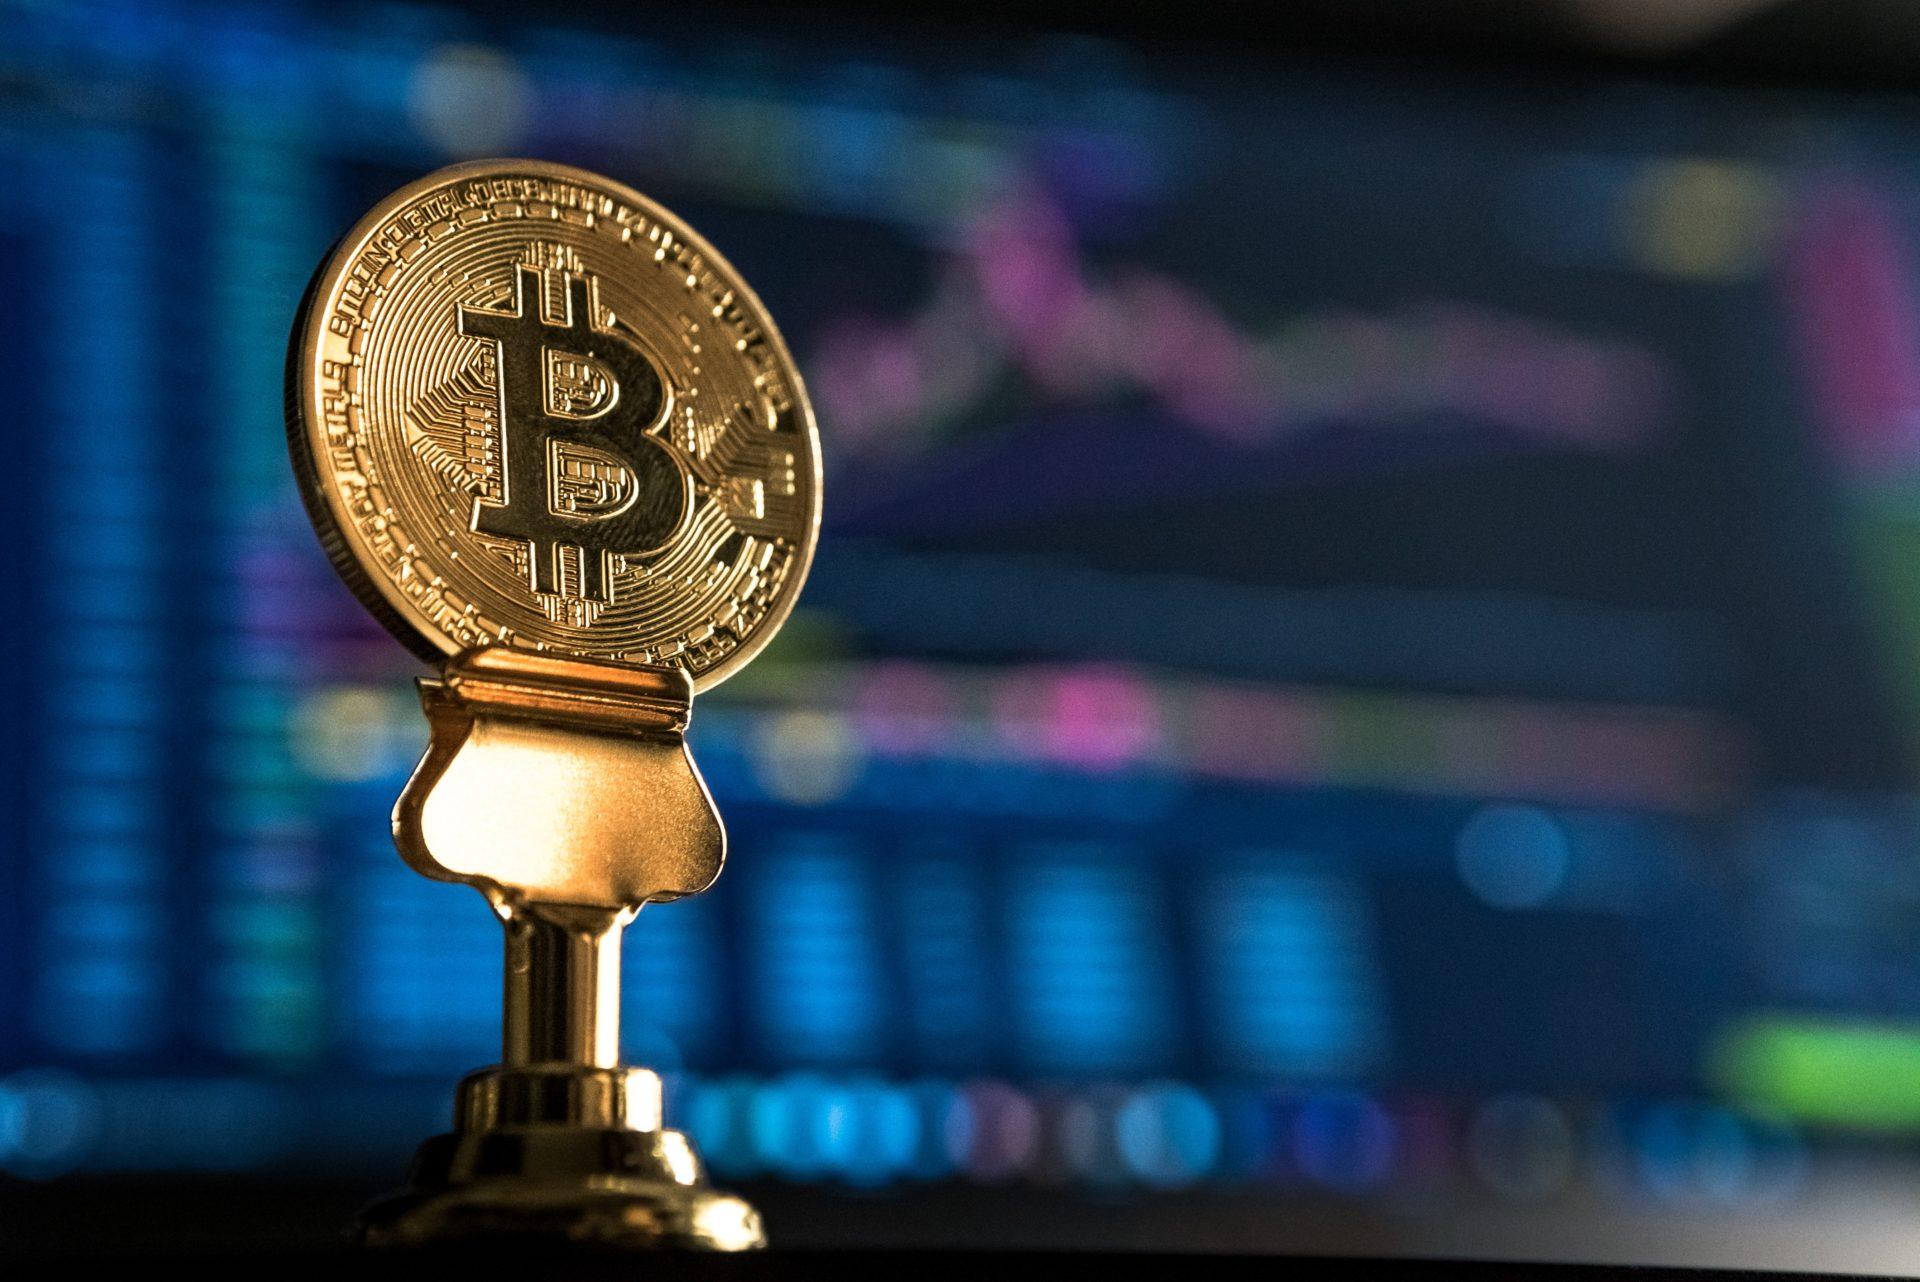 Prominent Exec: FOMO Will Drive Next Crypto Bull Run, Bitcoin (BTC) To Breakout